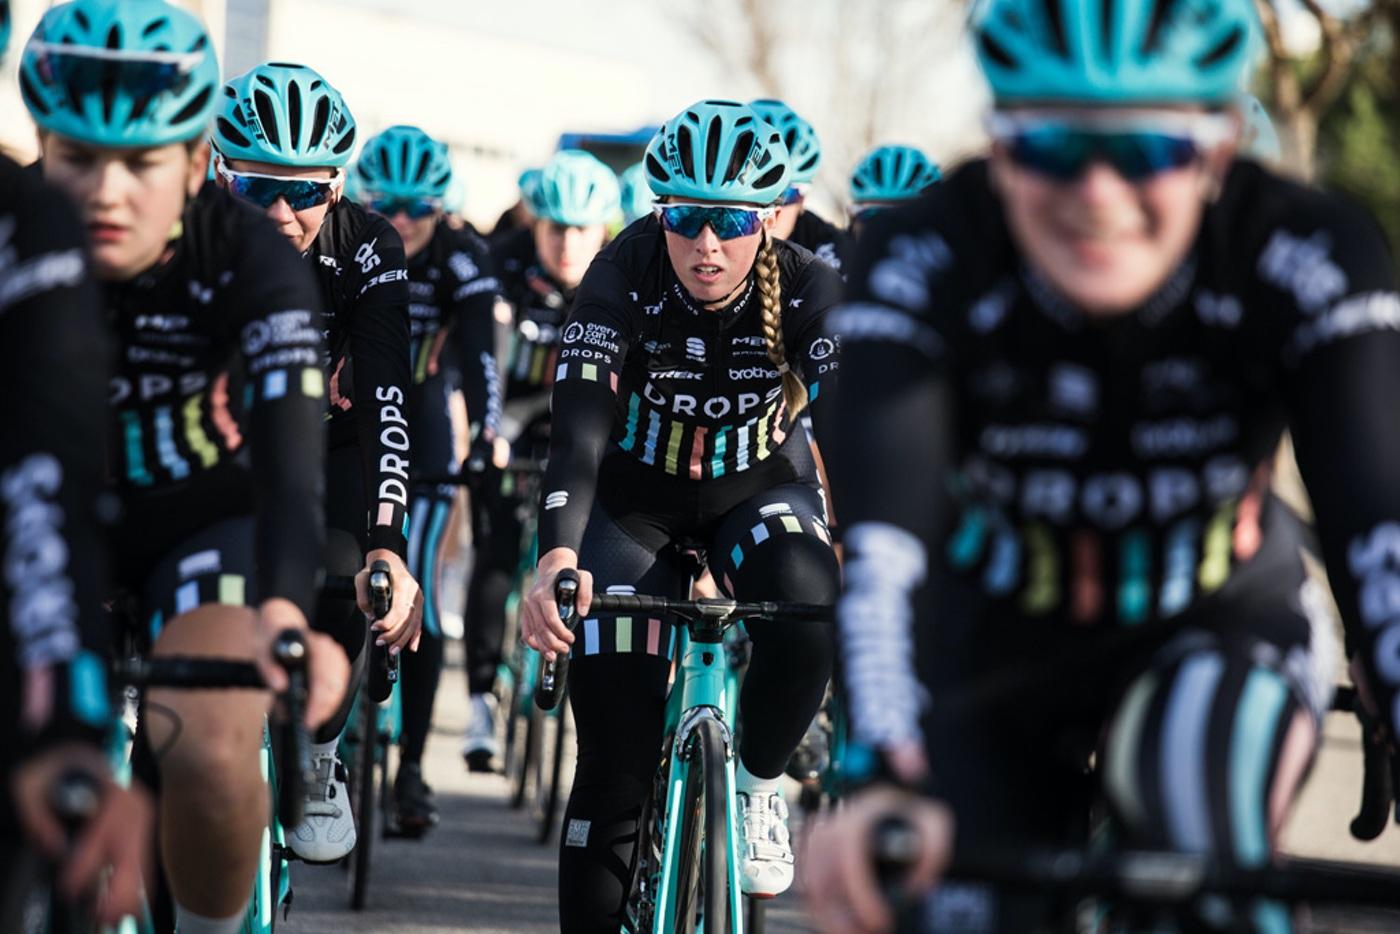 Met con el equipo ciclista femenino Drops Cycling